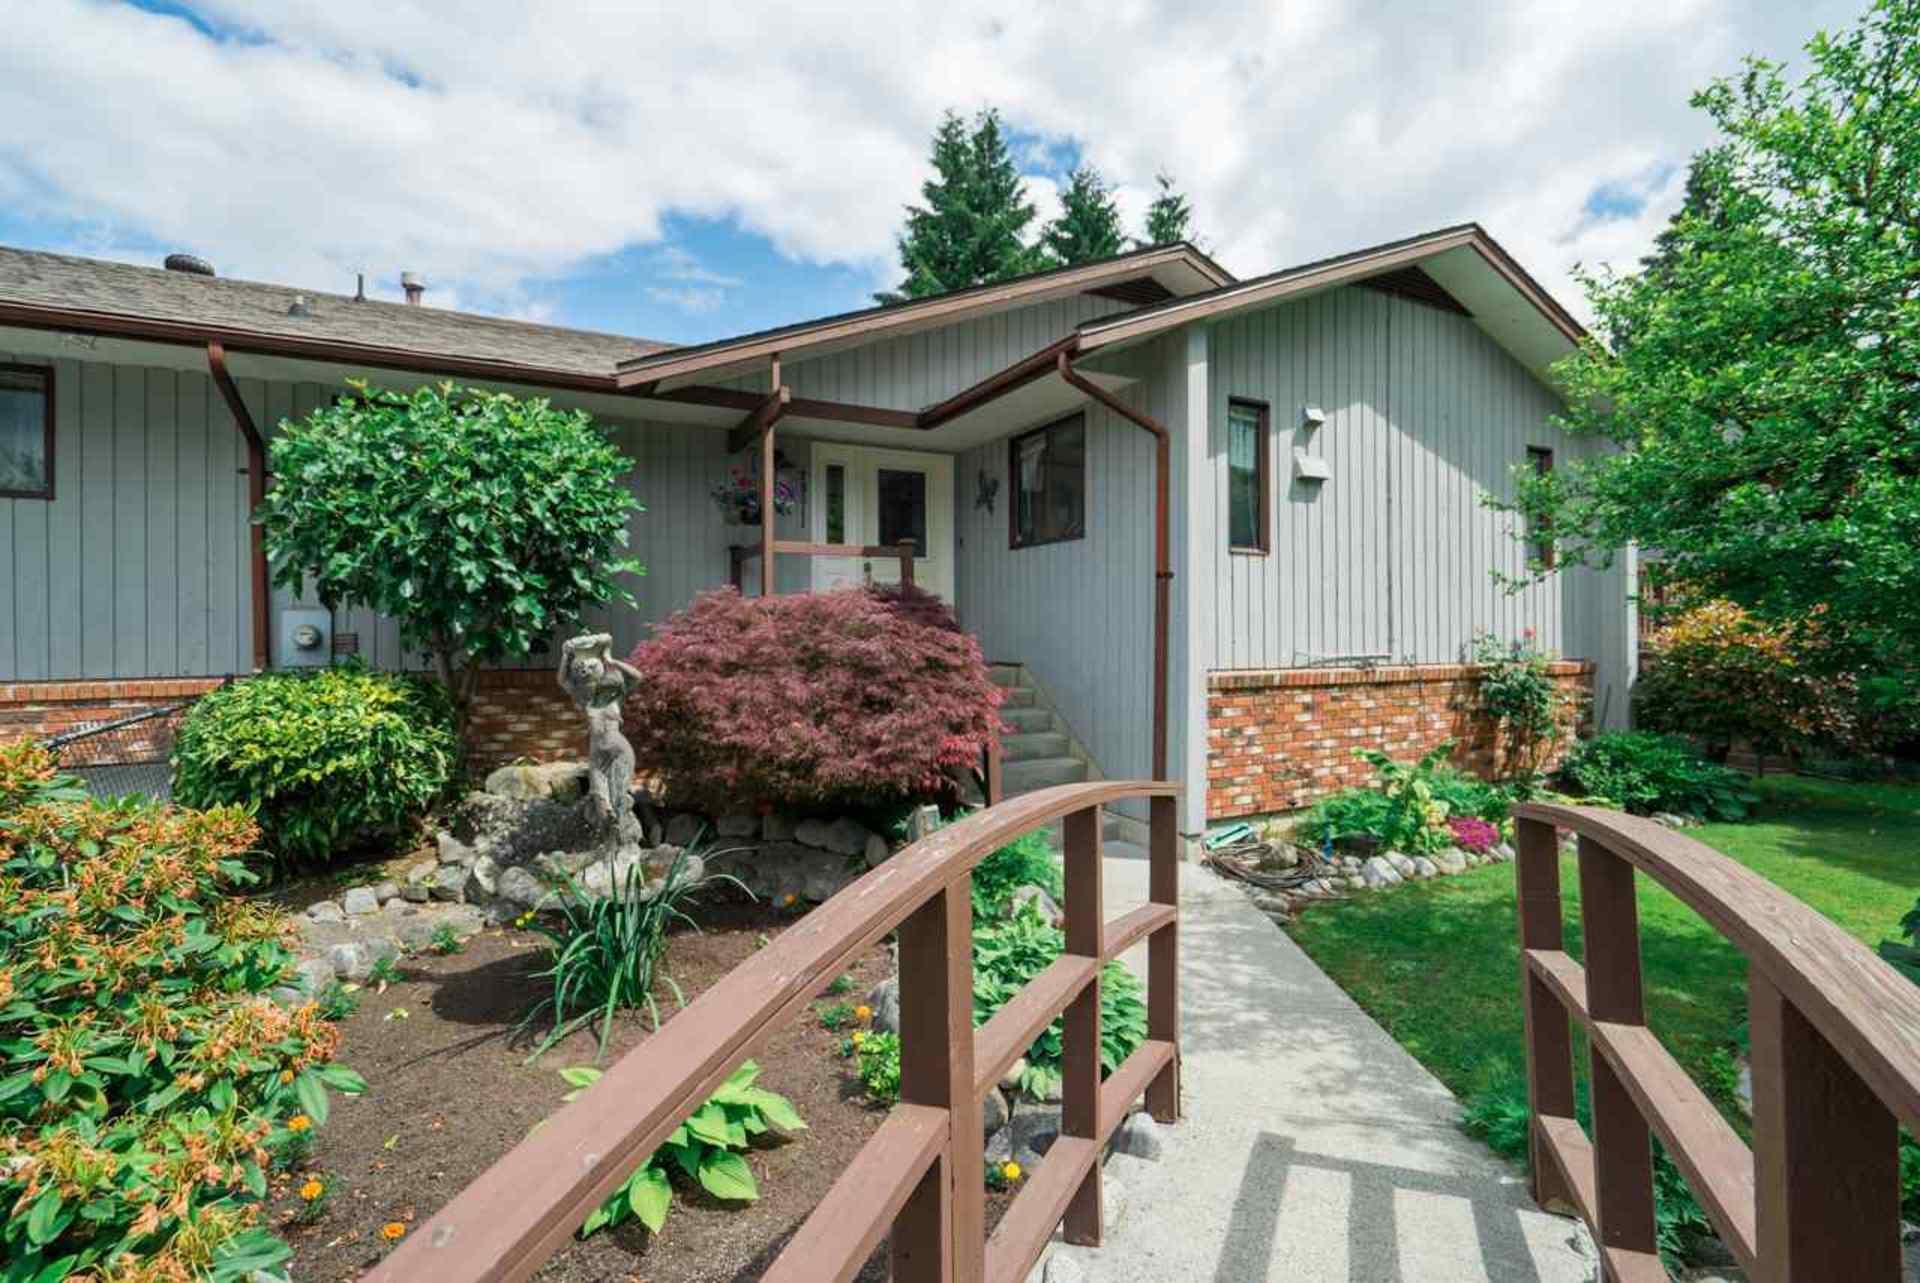 20311-123b-avenue-northwest-maple-ridge-maple-ridge-01 at 20311 123b Avenue, Northwest Maple Ridge, Maple Ridge